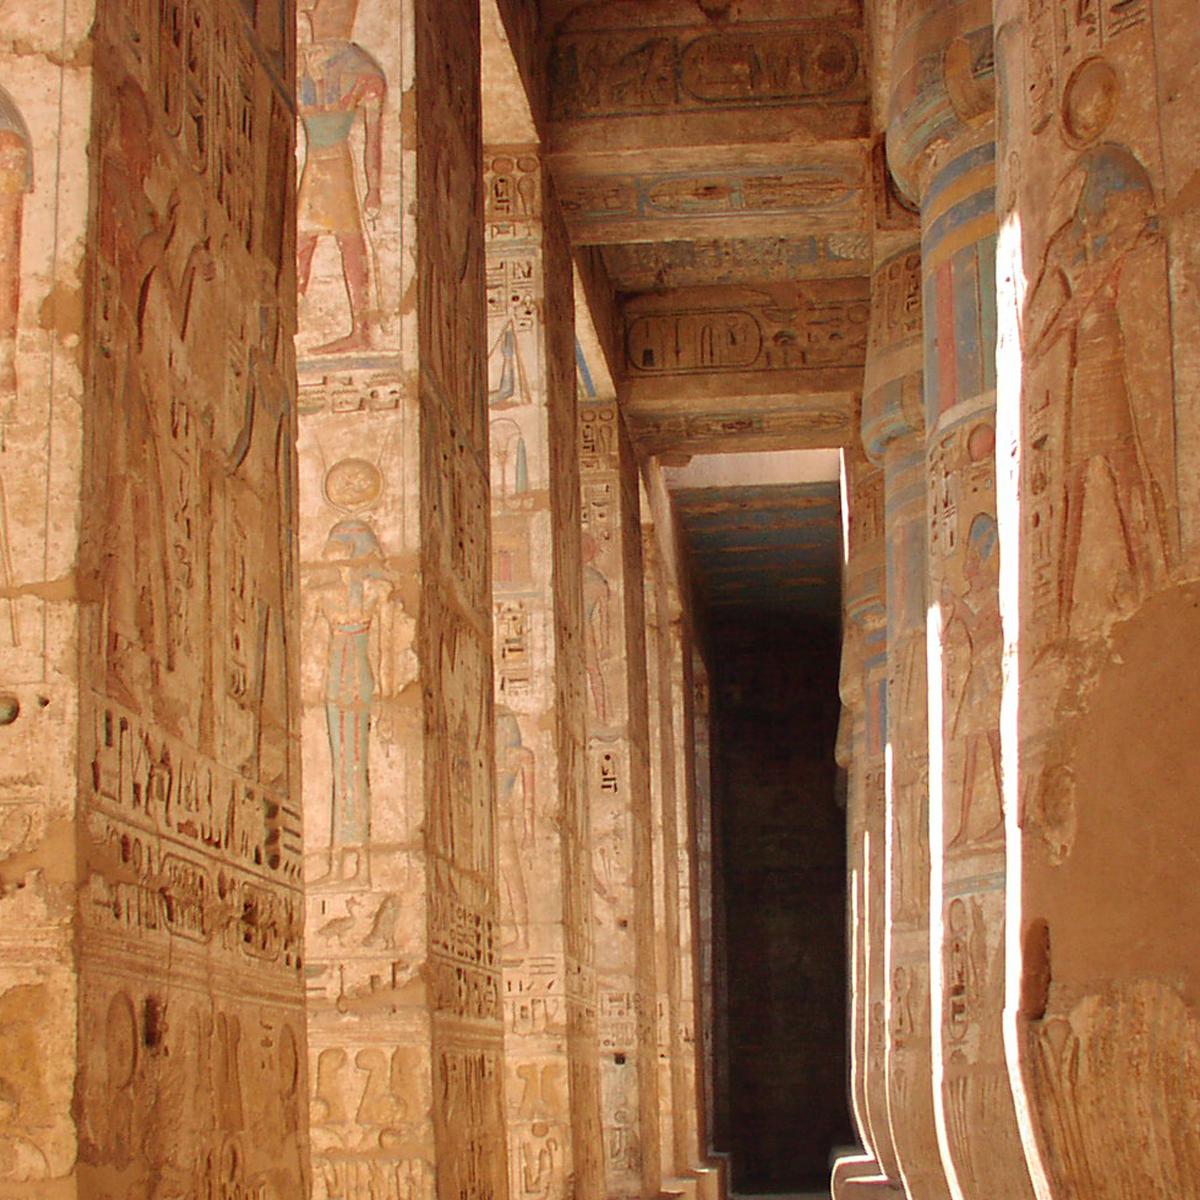 Ornate Columns in Luxor Egypt